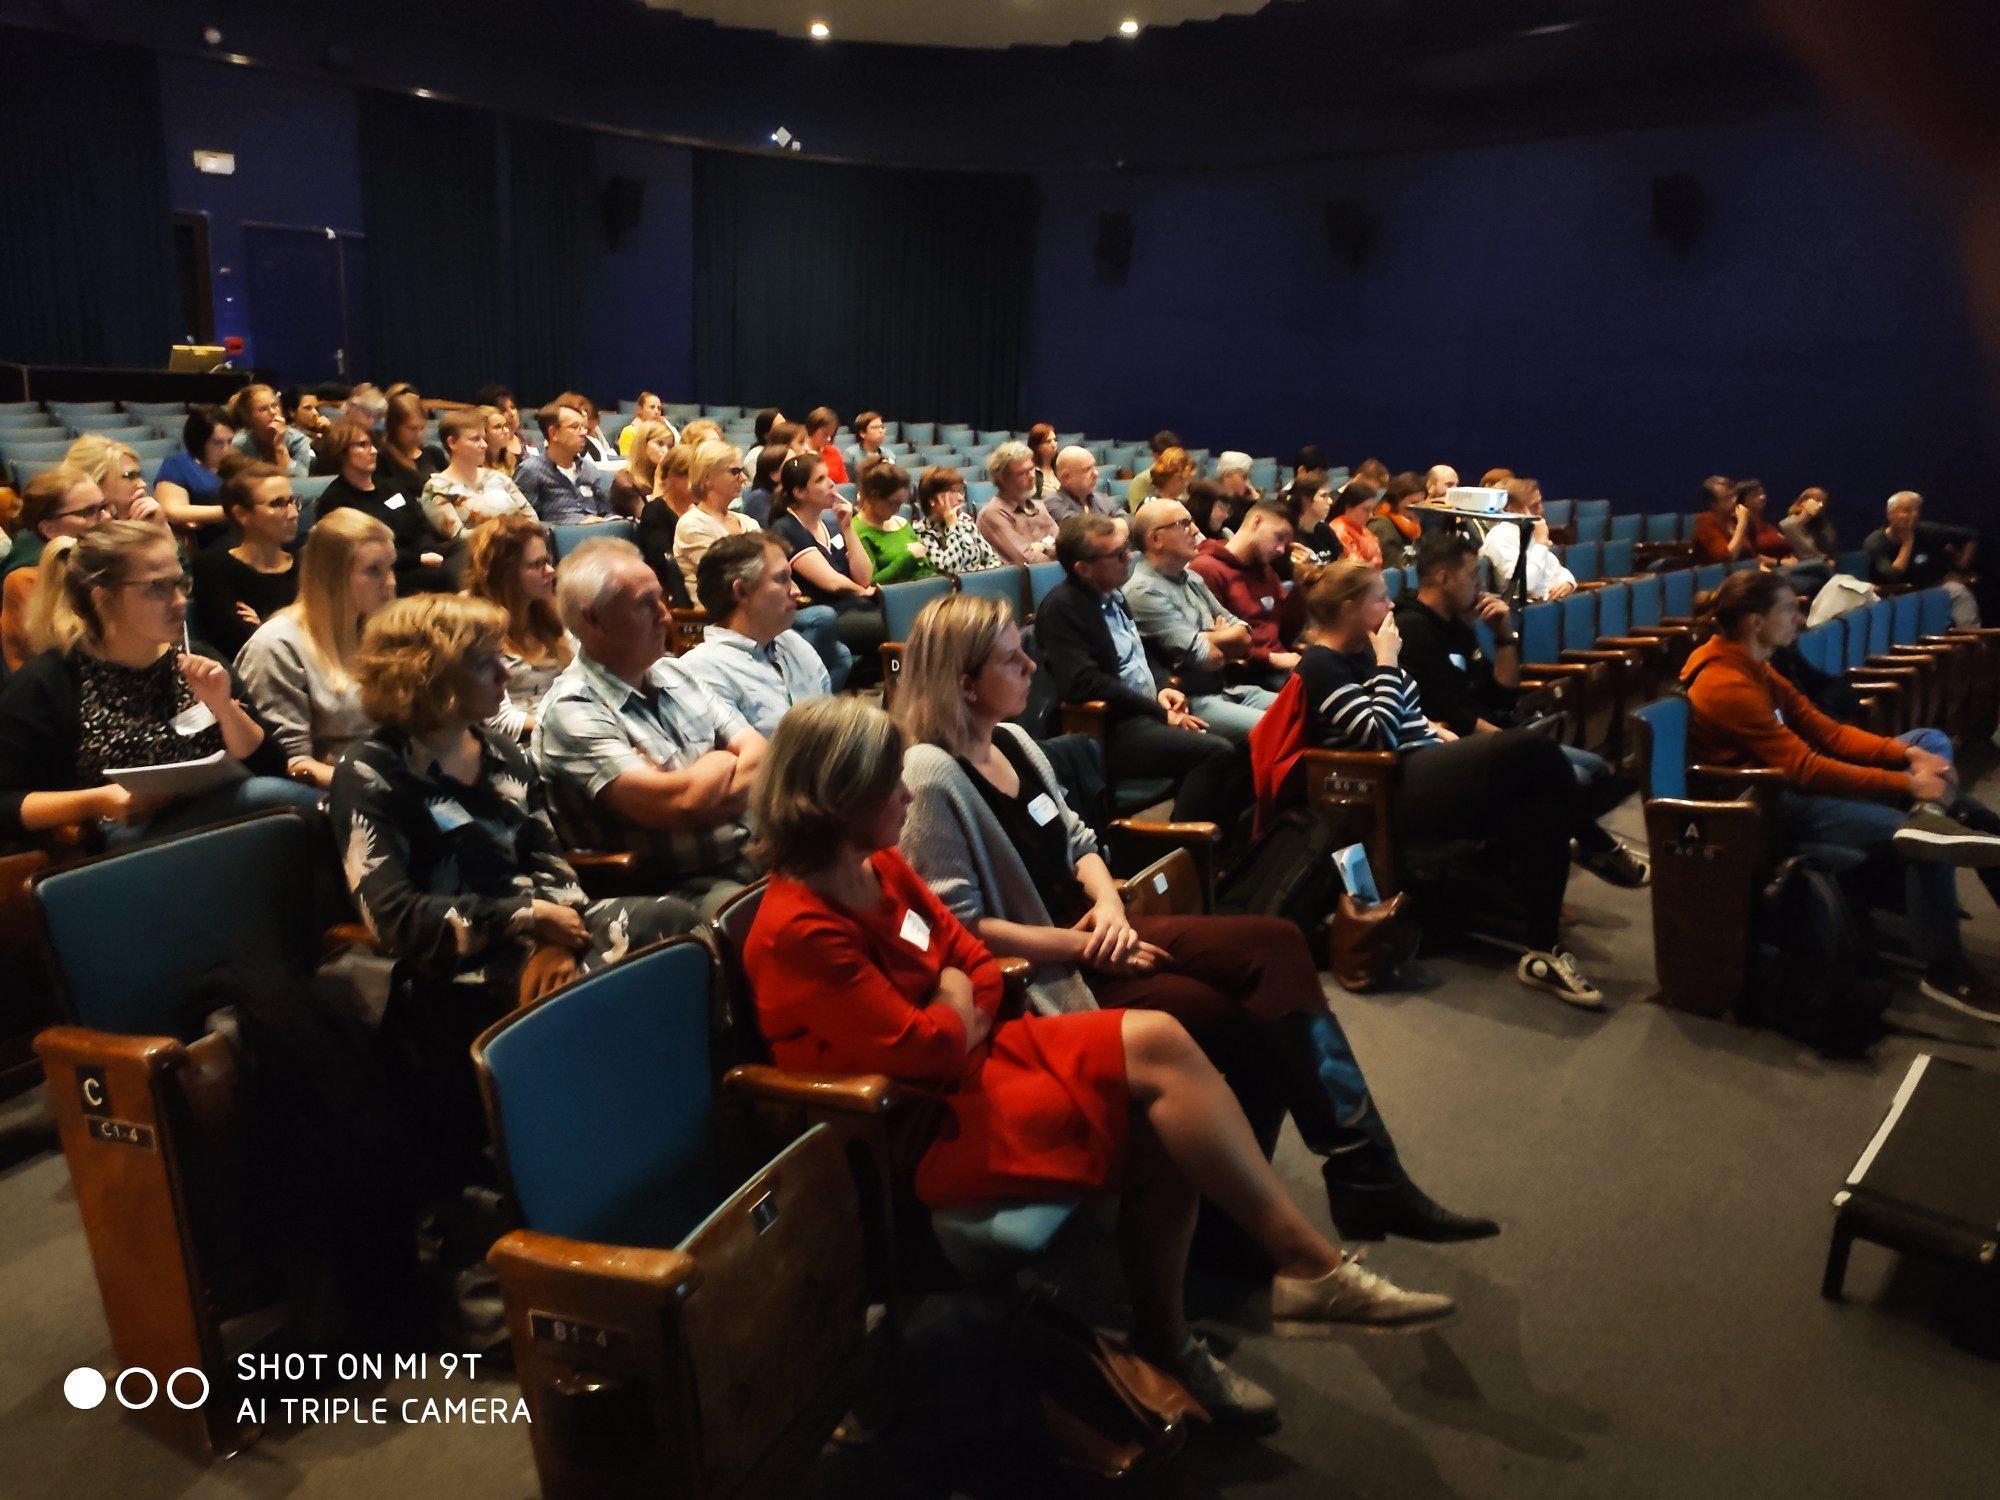 Opstart nieuwe onderwijsinitiatieven in regio Rivierenland